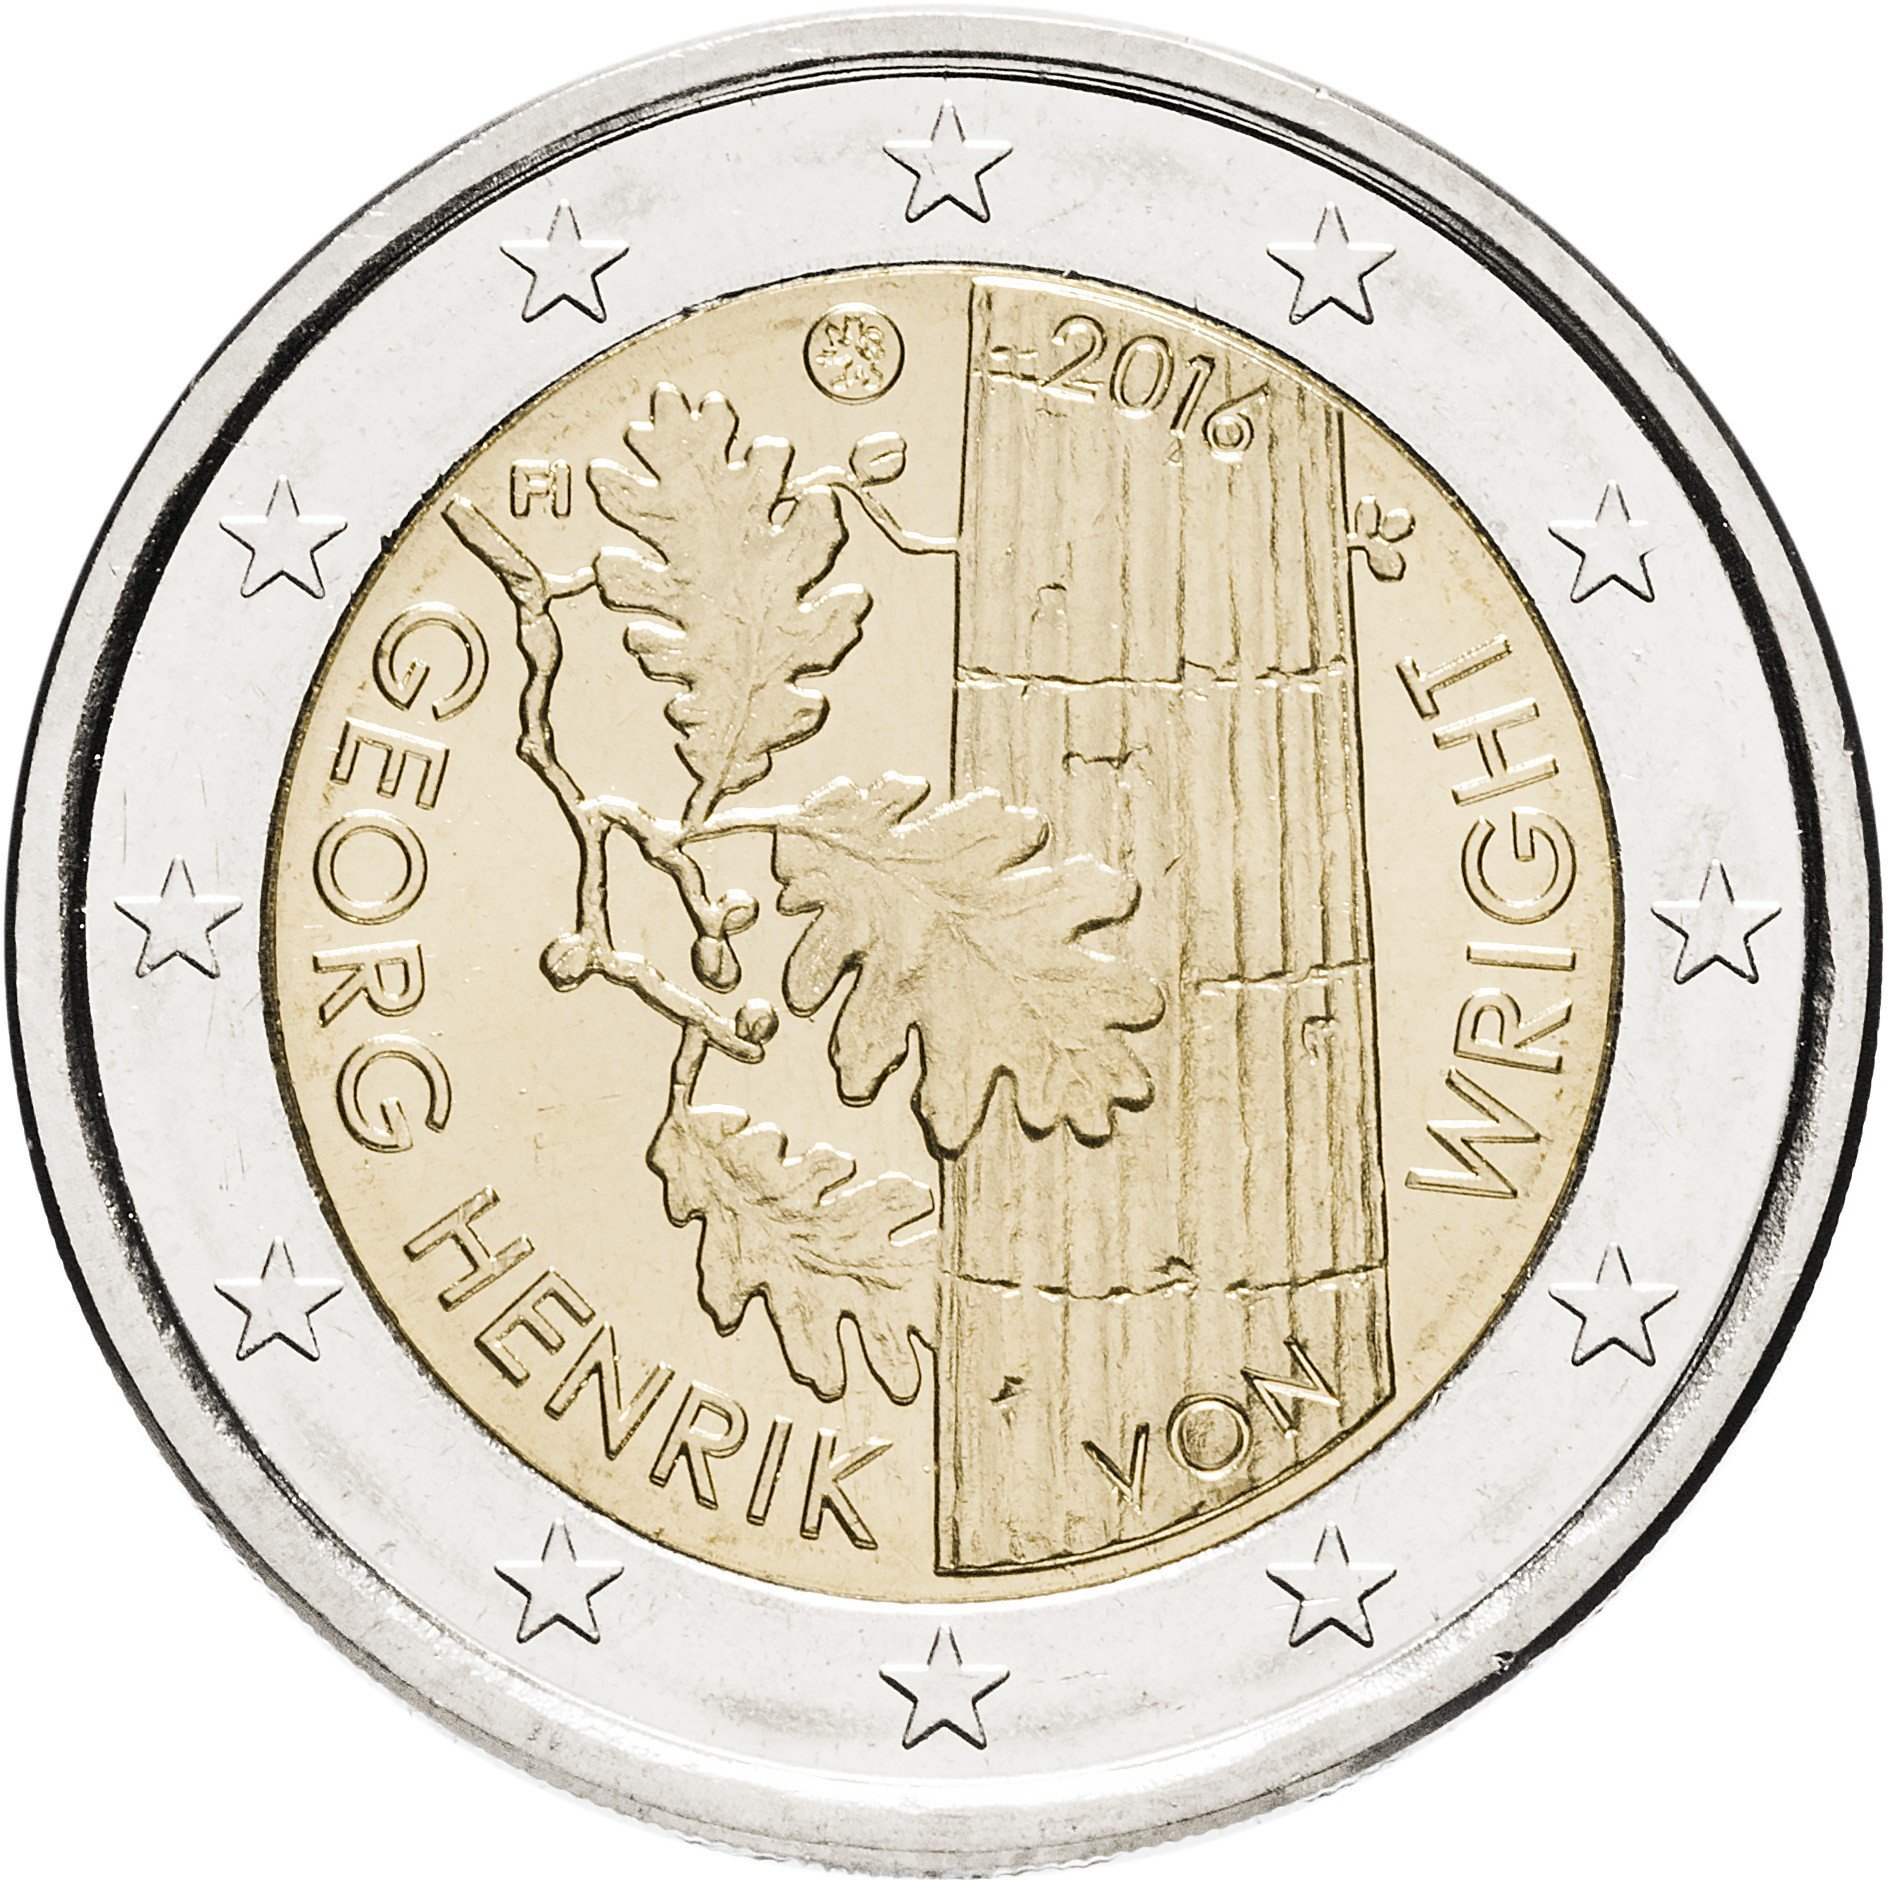 2 евро 2010 - исторический центр города кордова - юнеско (юбилейная монета) - испания